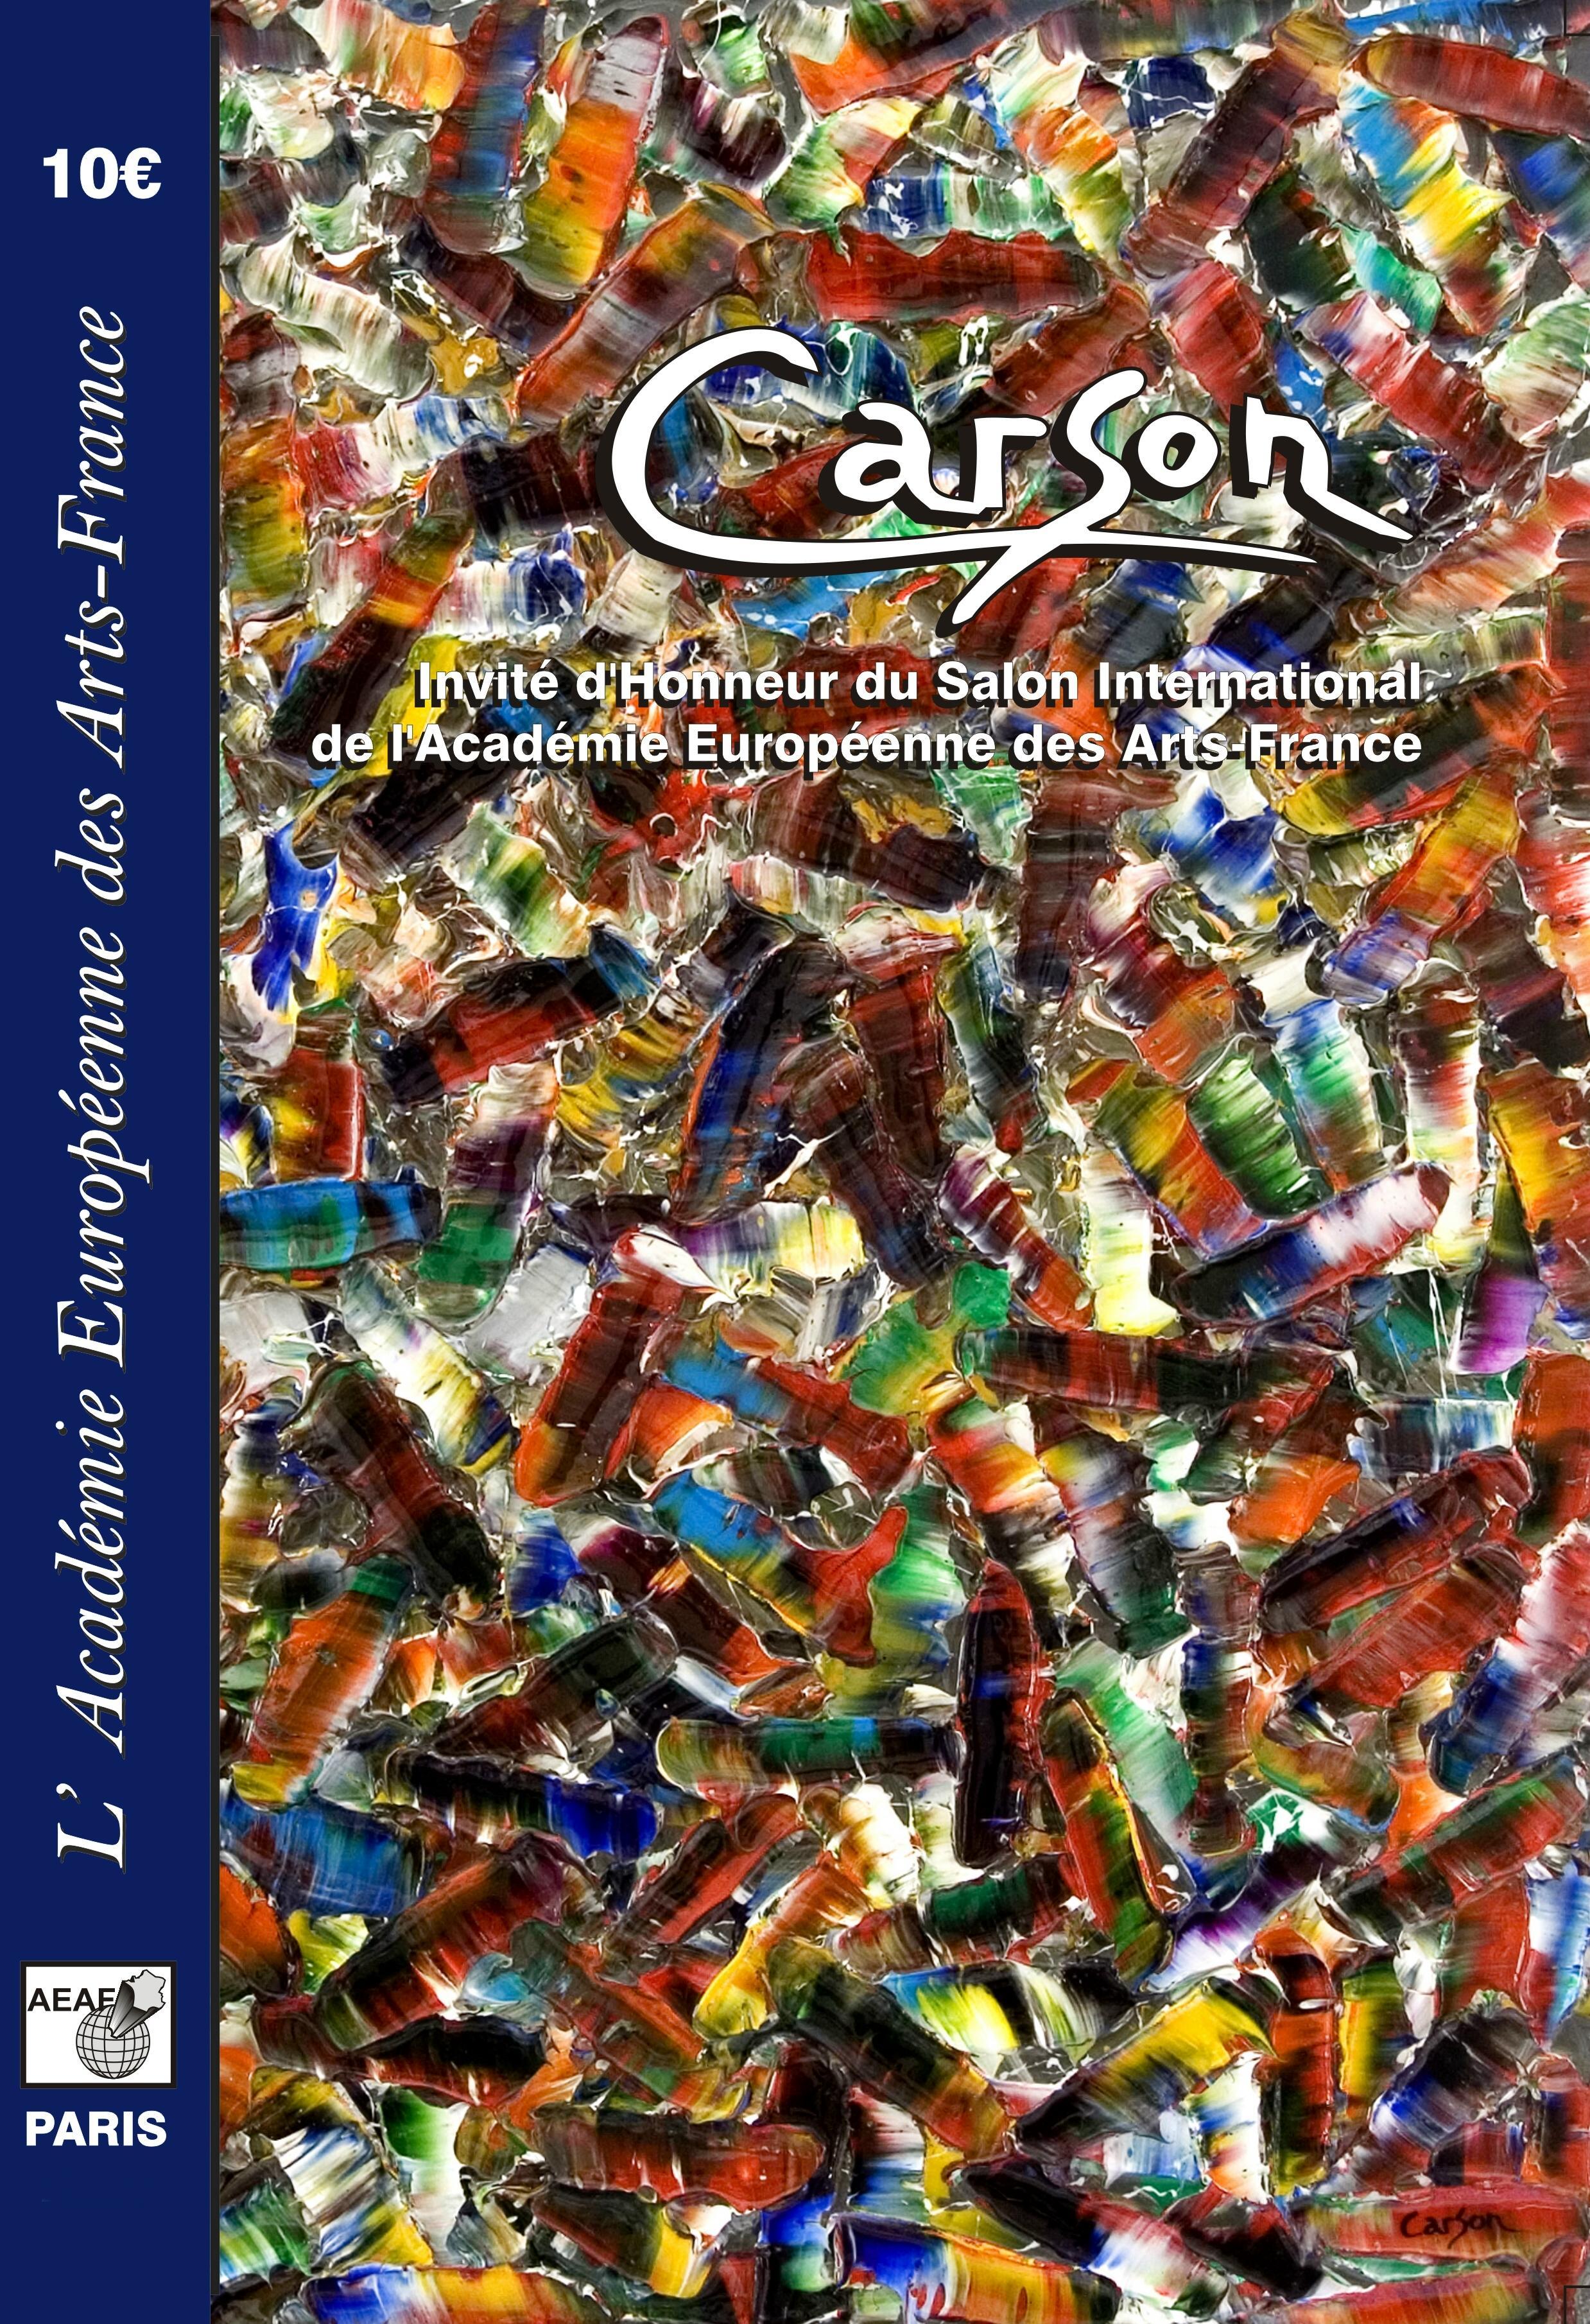 Salon de l 39 acad mie europ enne des arts france paris 2007 artiste peintre international - Salon des arts creatifs paris ...